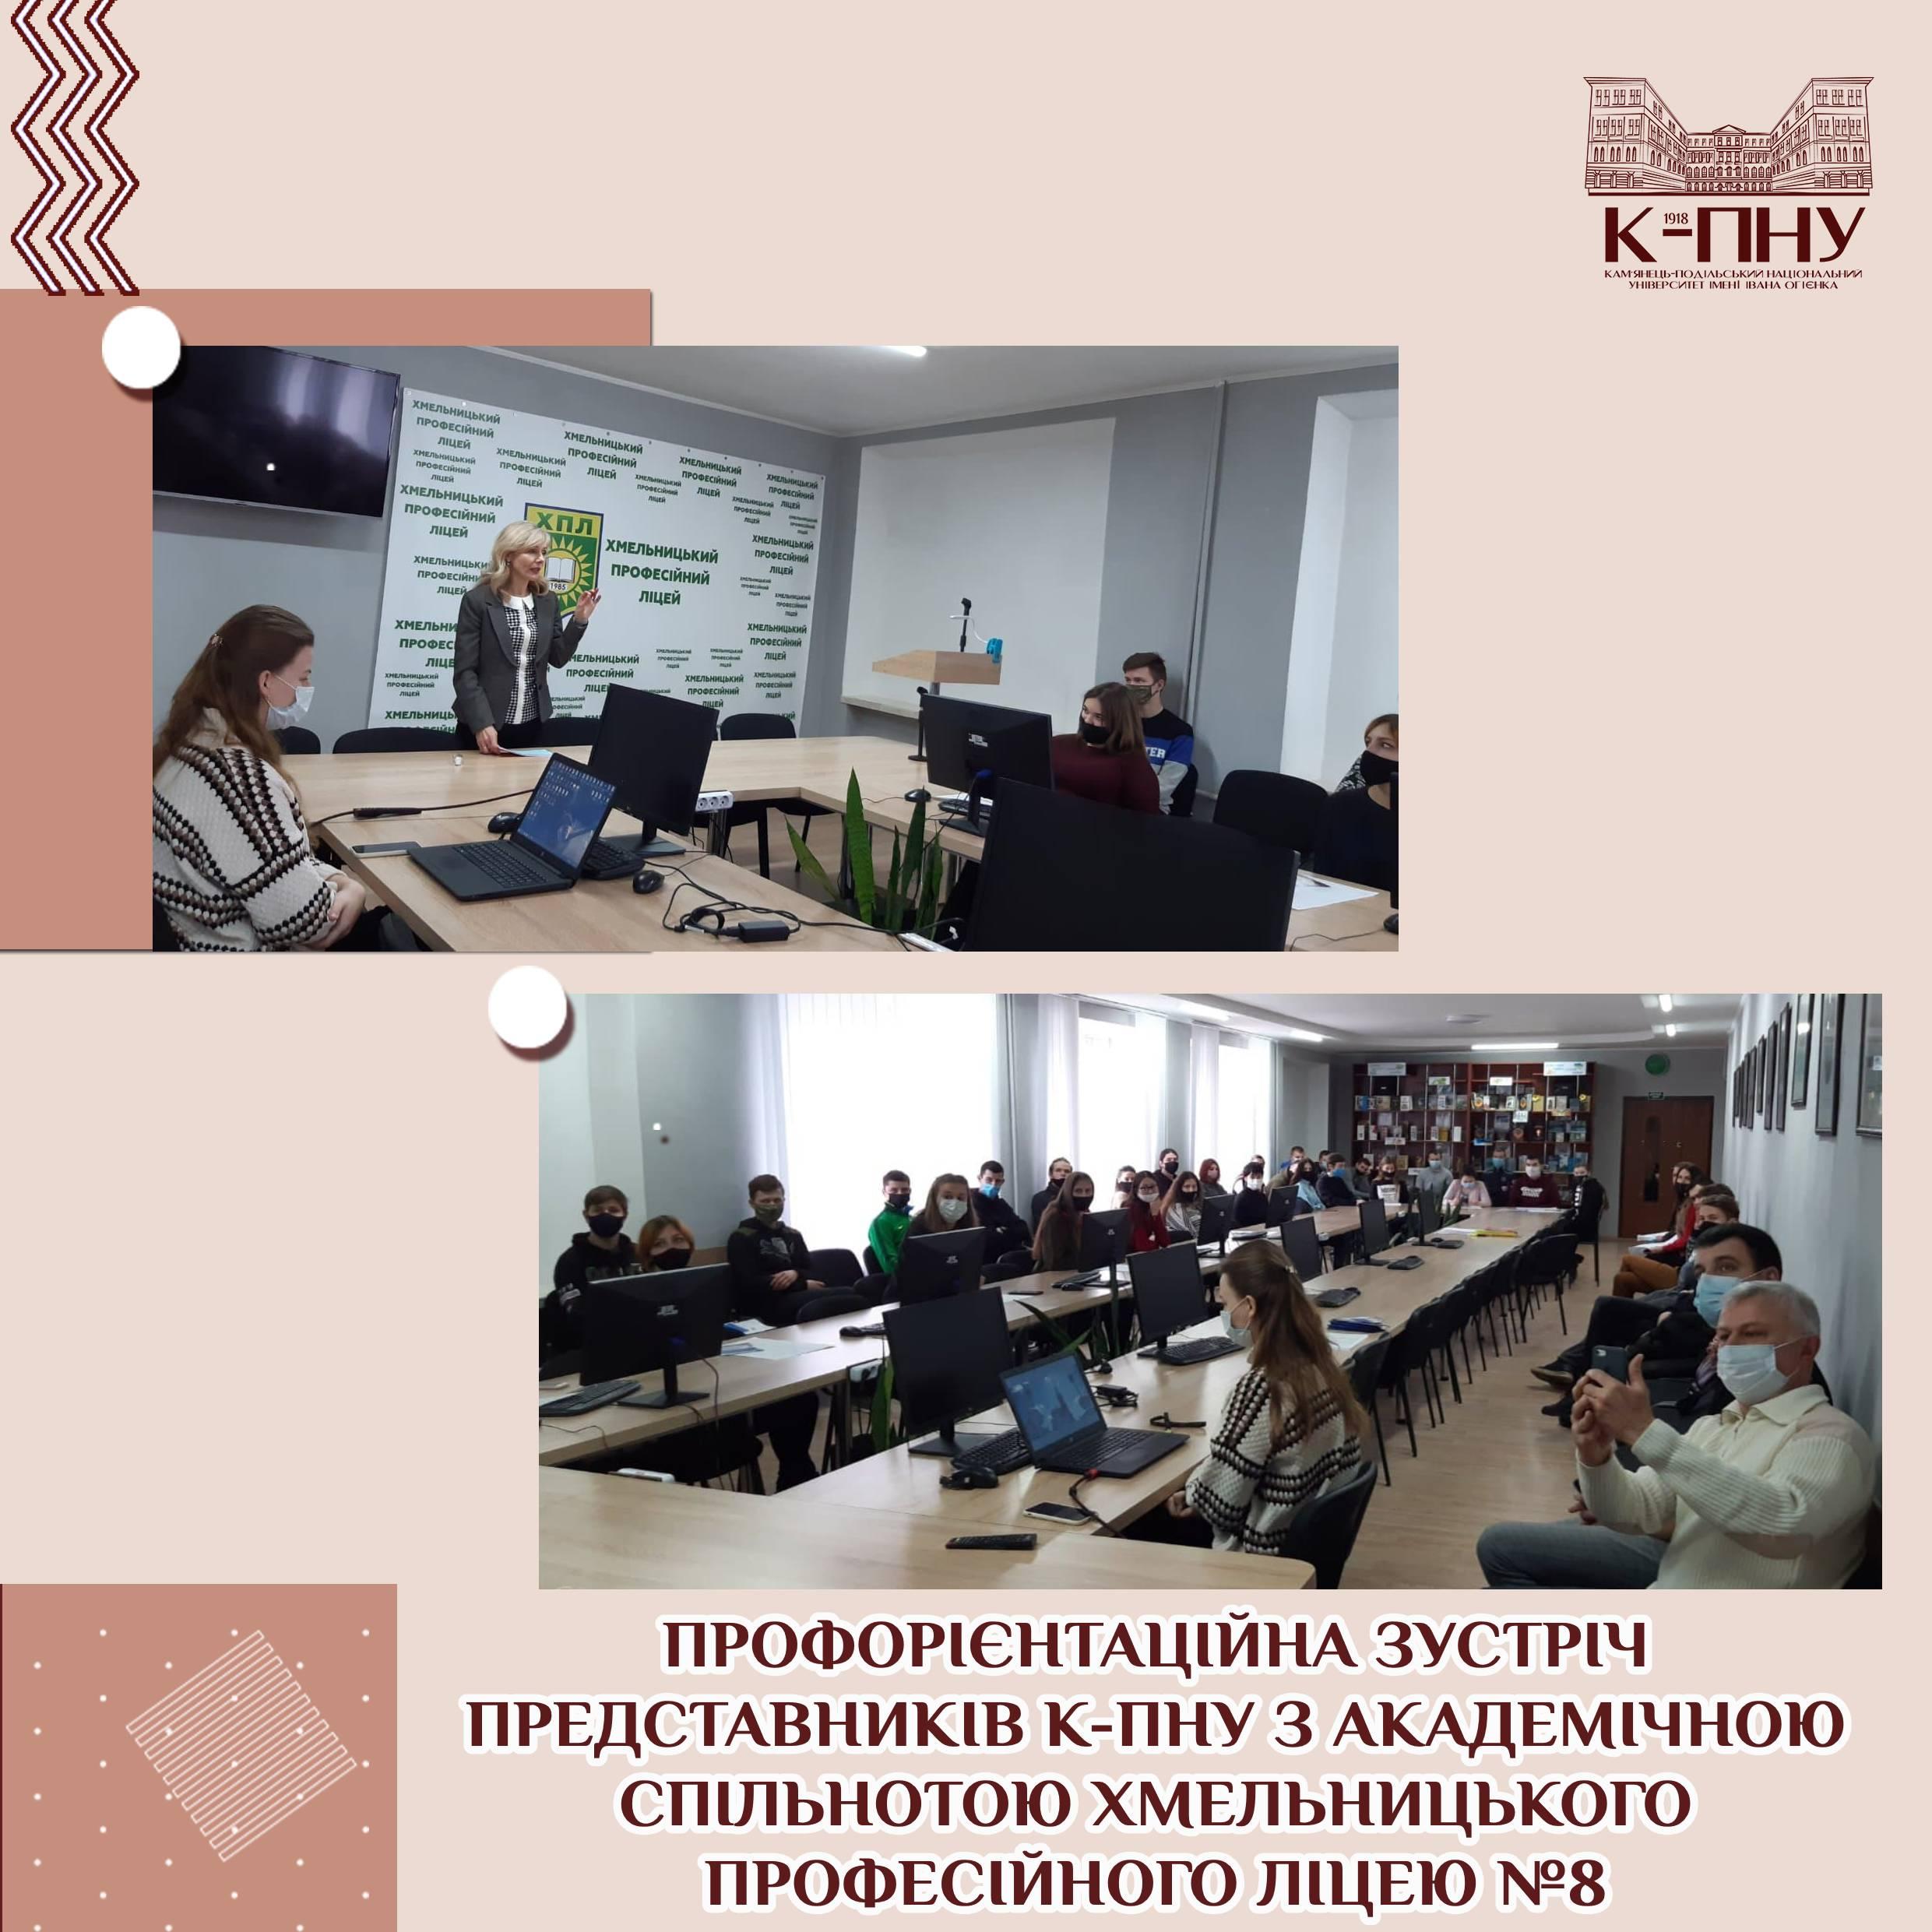 Профорієнтаційна зустріч представників К-ПНУ з академічною спільнотою Хмельницького професійного ліцею №8